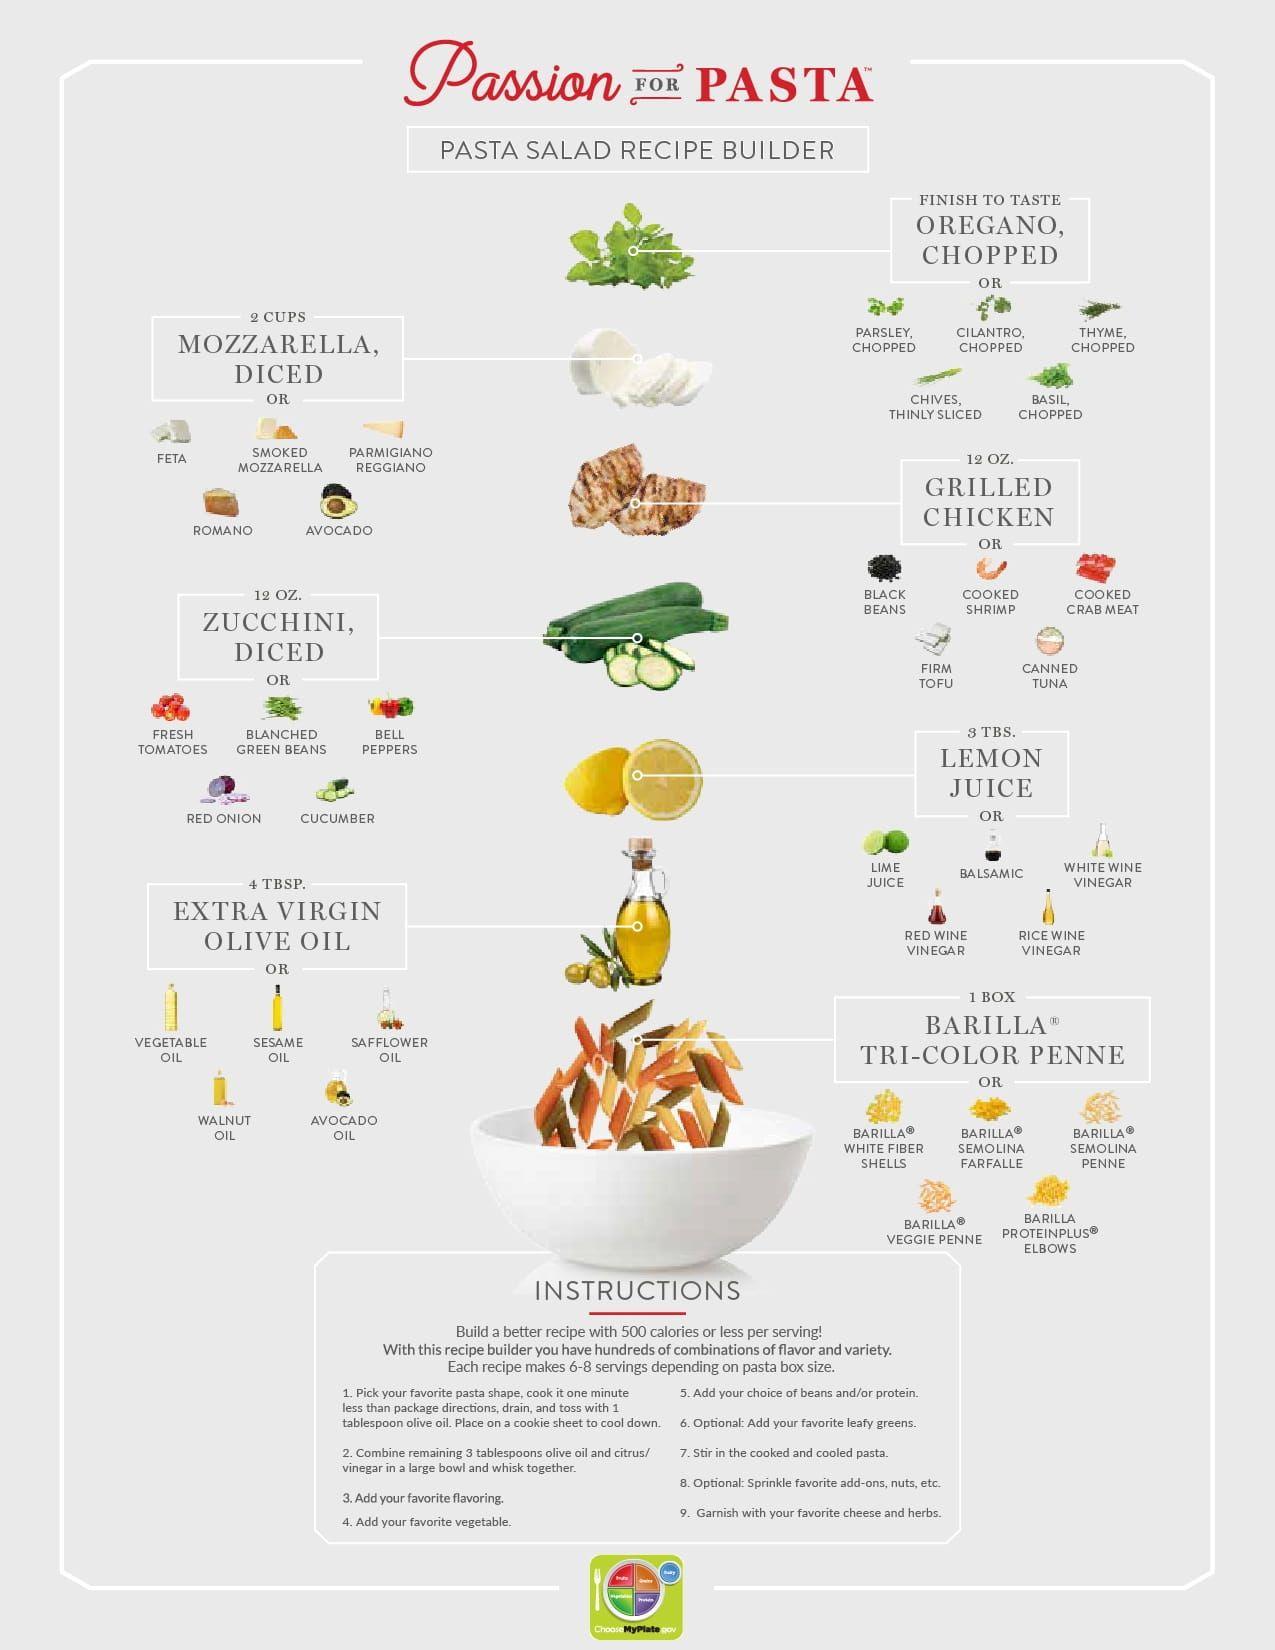 Recipe Builder for Pasta Salad